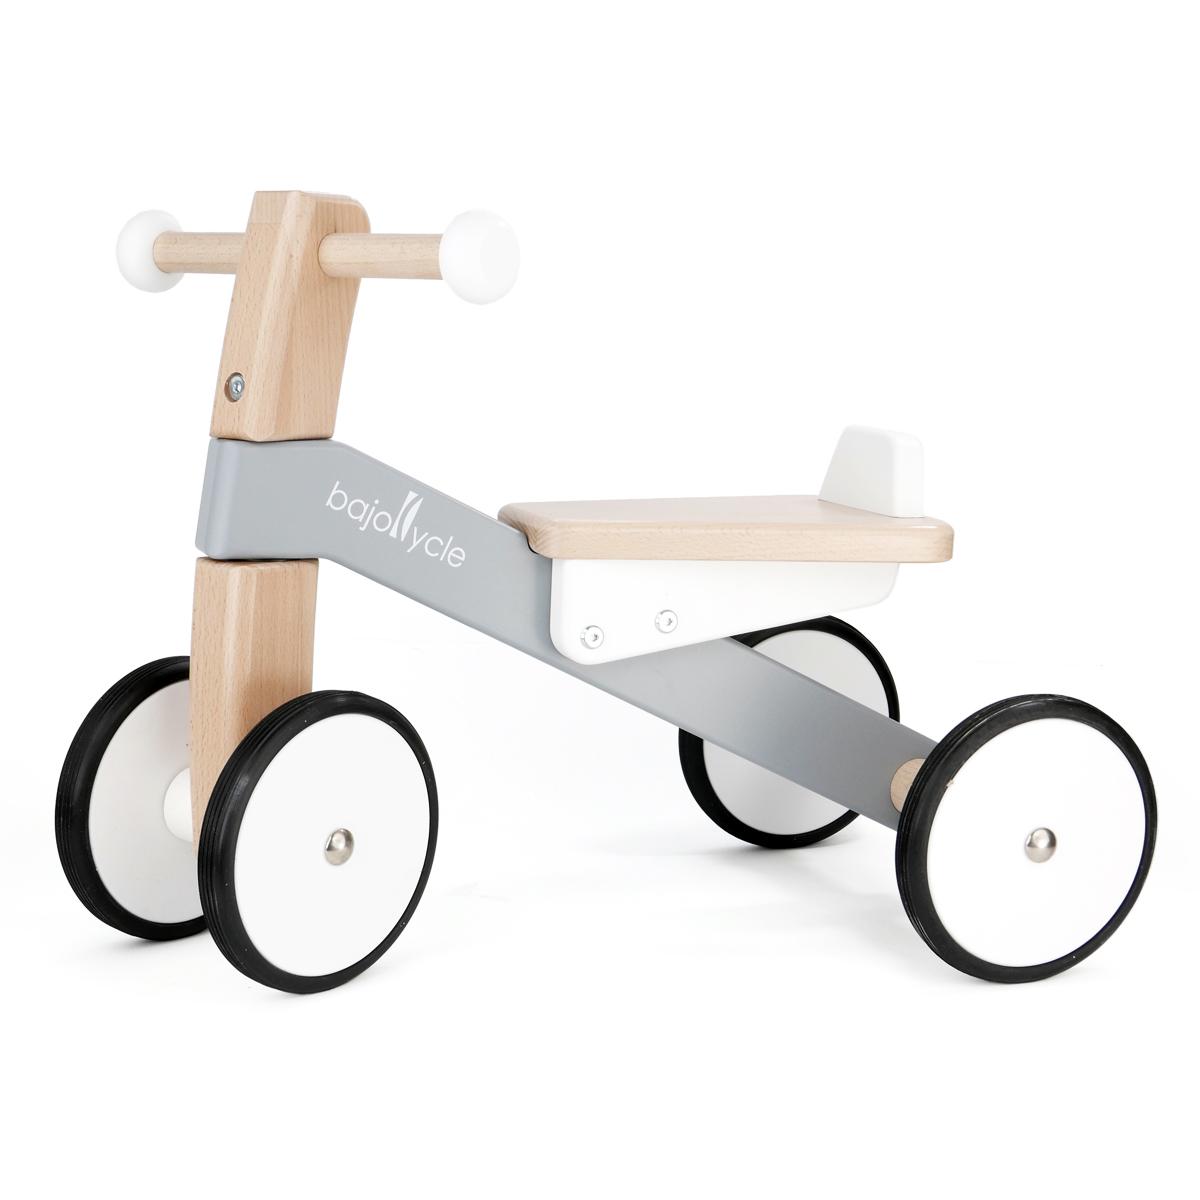 バヨ社「木の四輪バイク」オンラインショップ、全国ショップで発売スタート